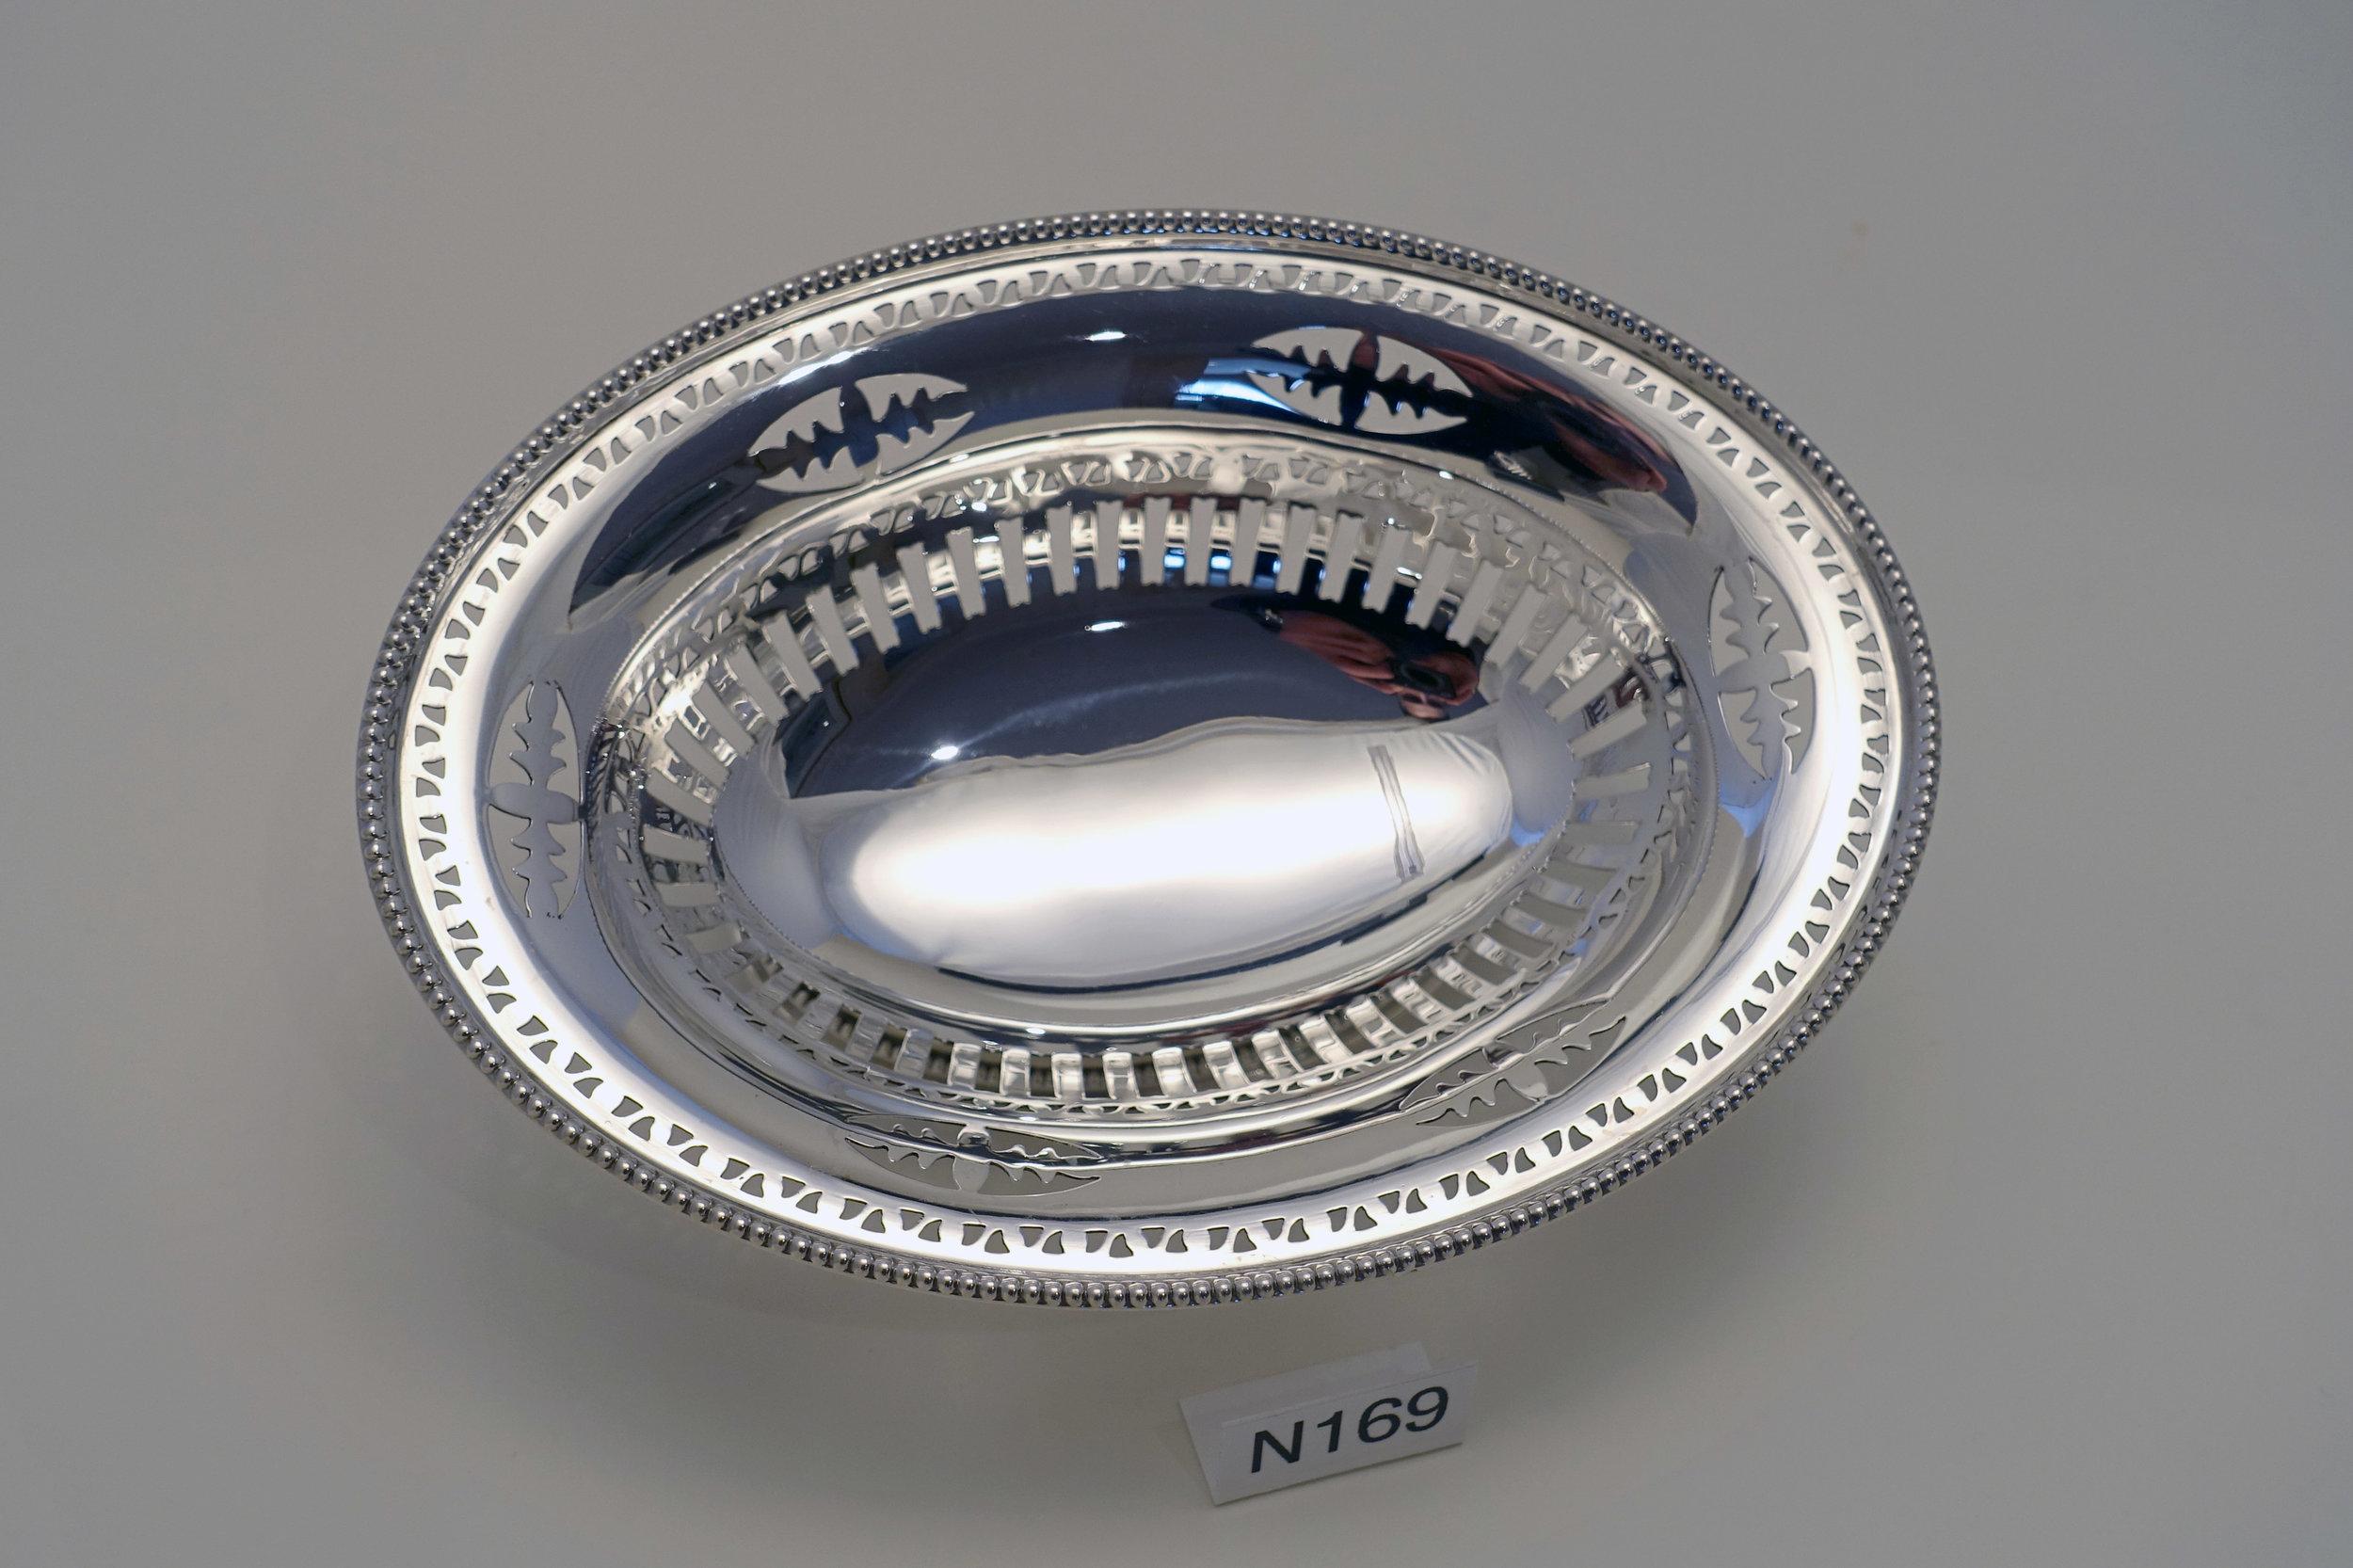 N169.jpg